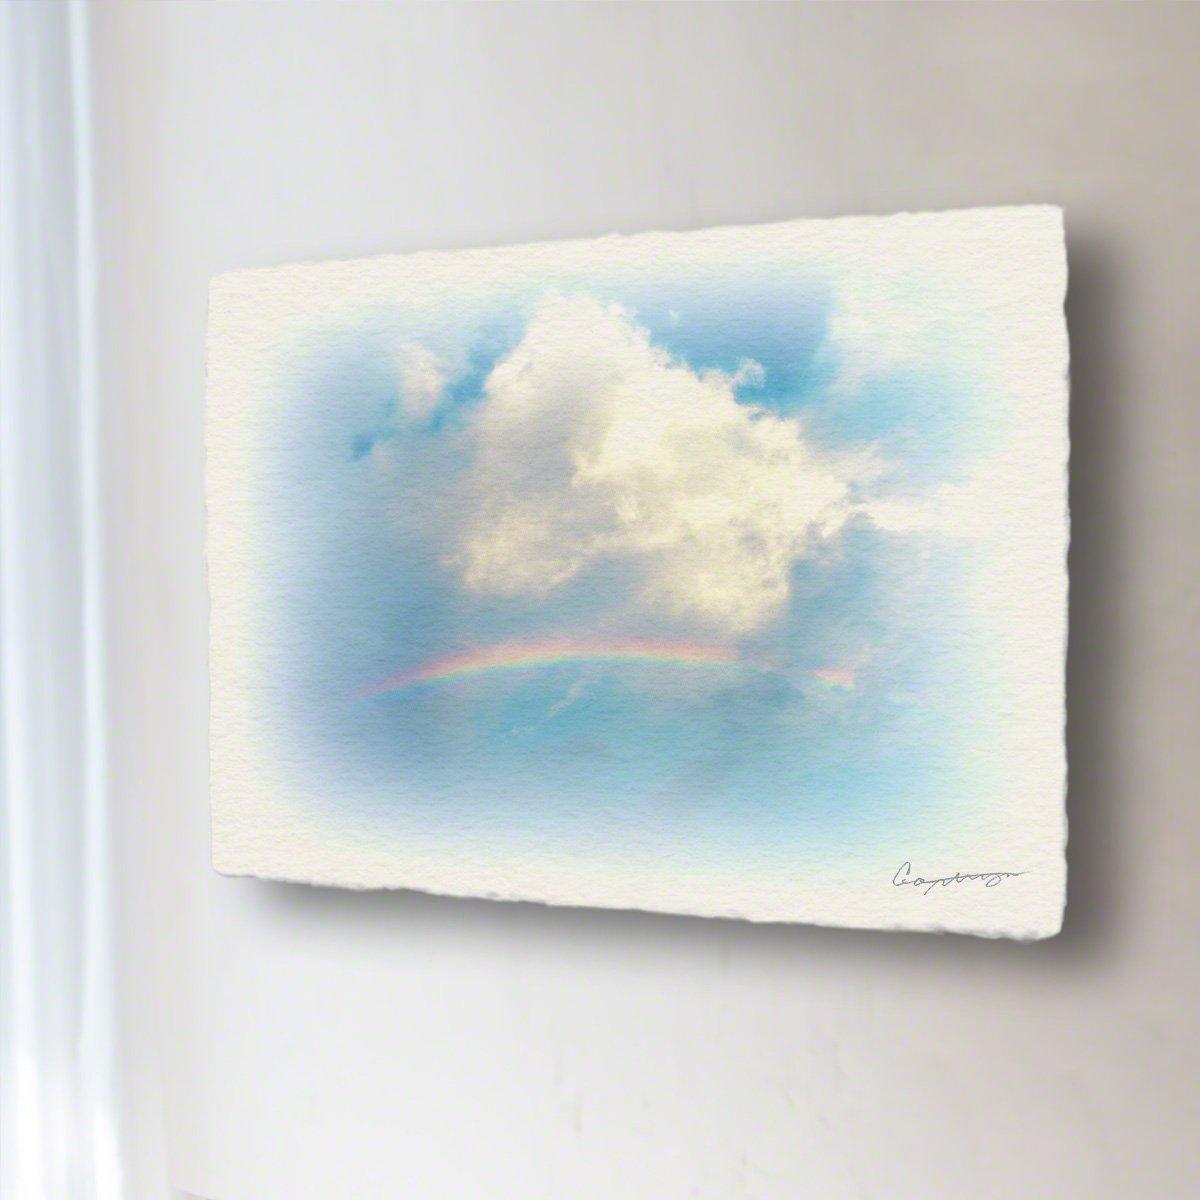 和紙 アートパネル 「虹と入道雲」 (32x24cm) 絵 絵画 壁掛け 壁飾り インテリア アート B072YWQWZR 13.アートパネル(長辺36cm) 8800円|虹と入道雲 虹と入道雲 13.アートパネル(長辺36cm) 8800円